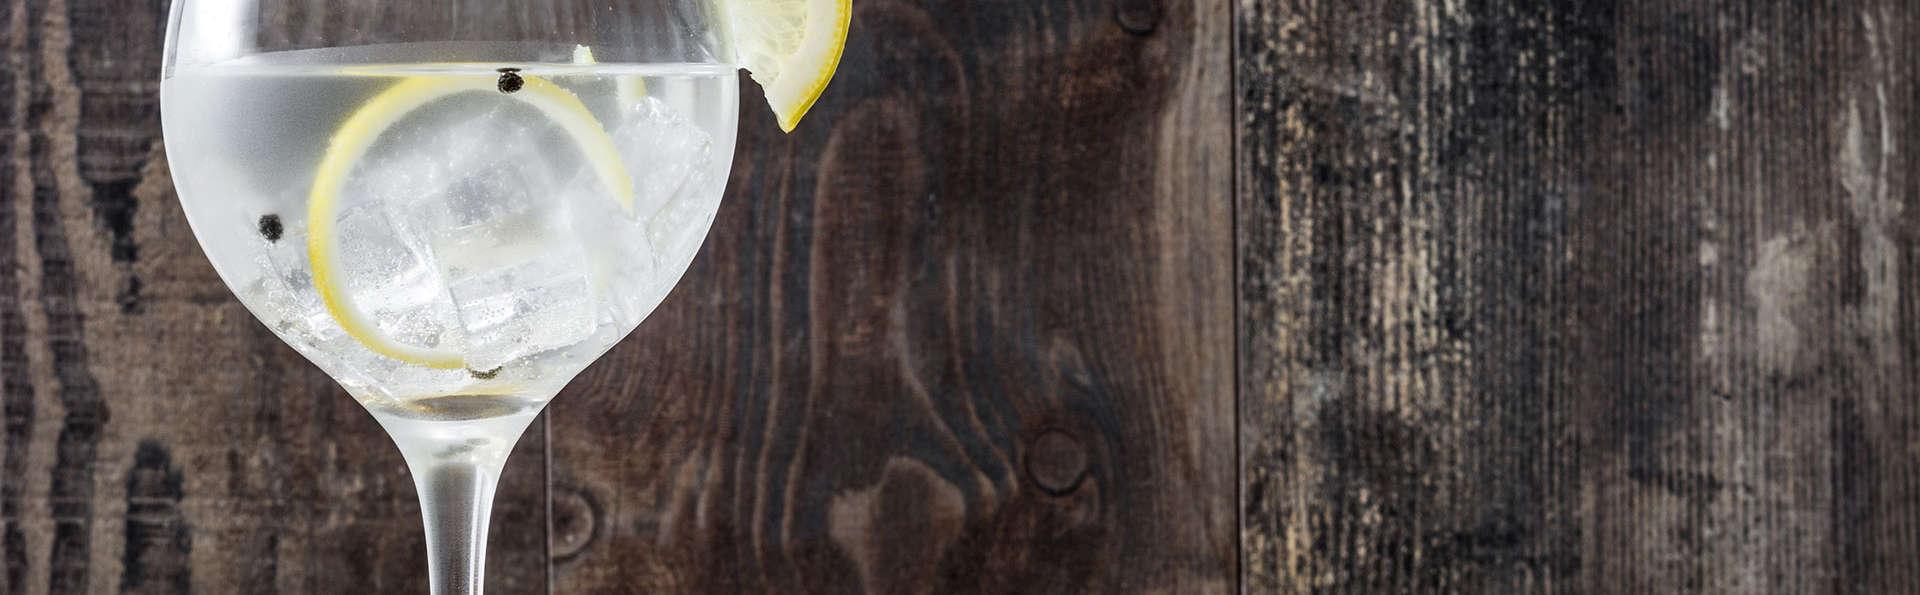 Découvrez les secrets du gin aux portes de Florence (à partir de 2 nuits)